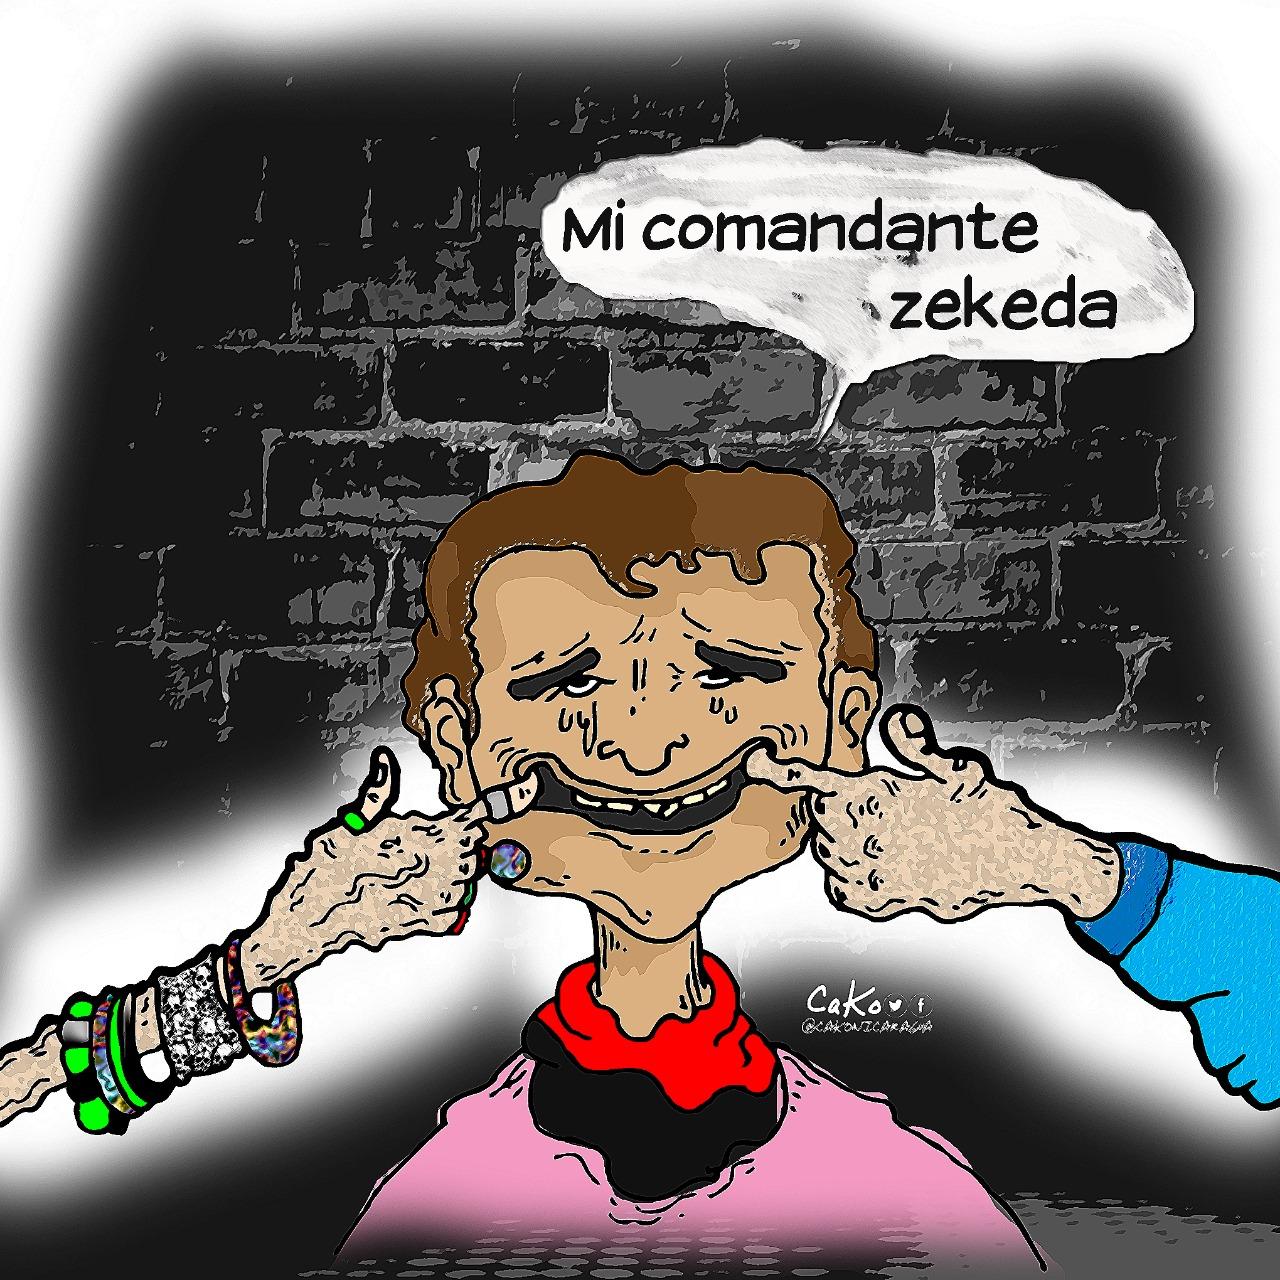 La Caricatura: Los SaposJoker